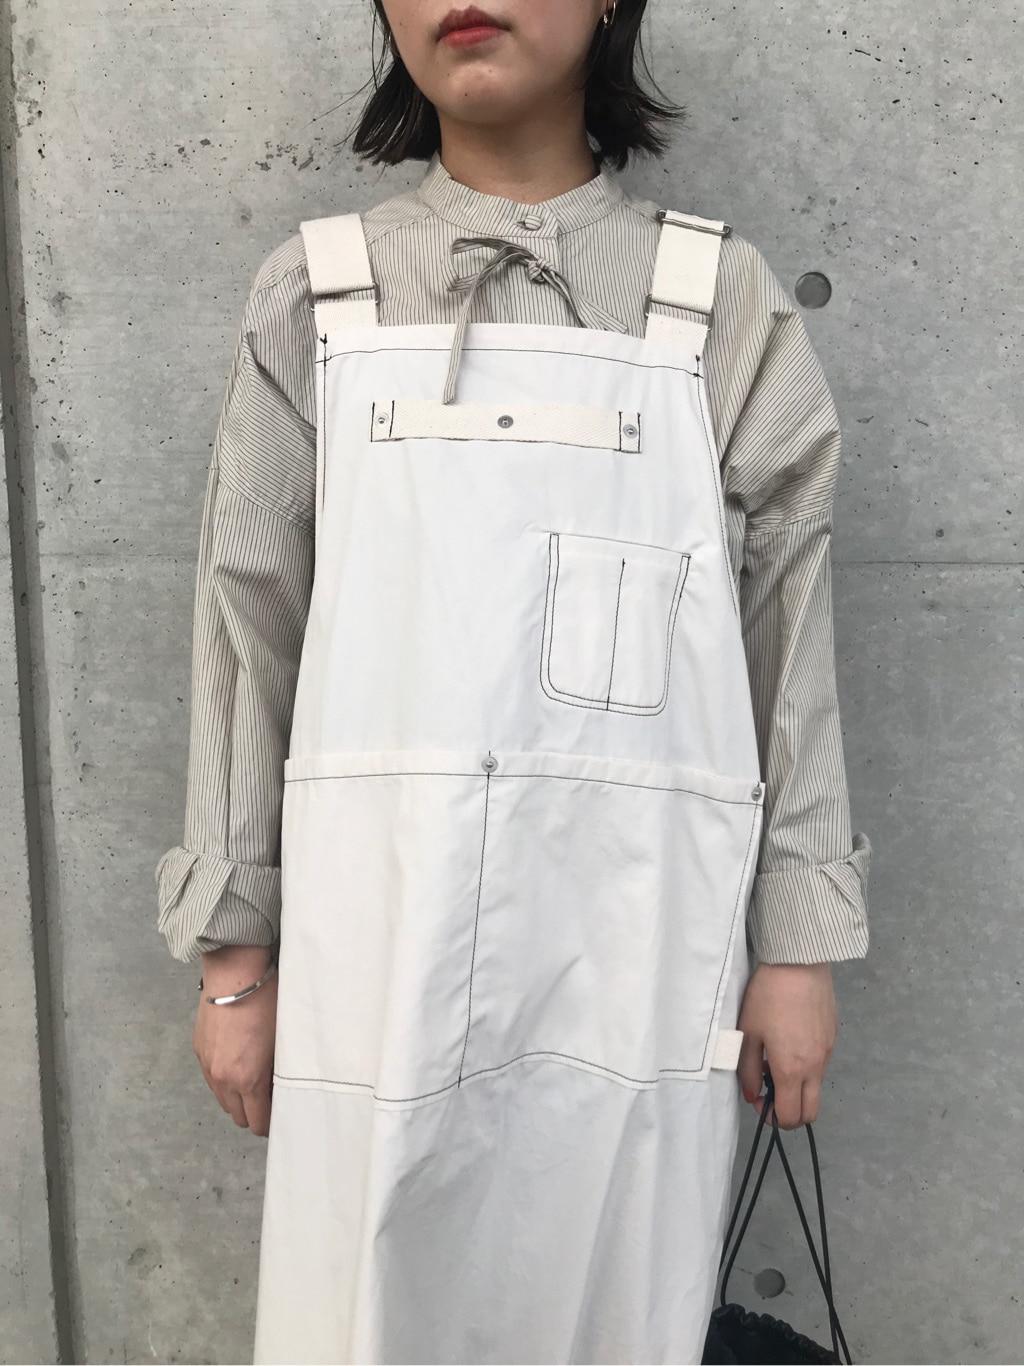 l'atelier du savon 東京スカイツリータウン・ソラマチ 身長:152cm 2020.08.16